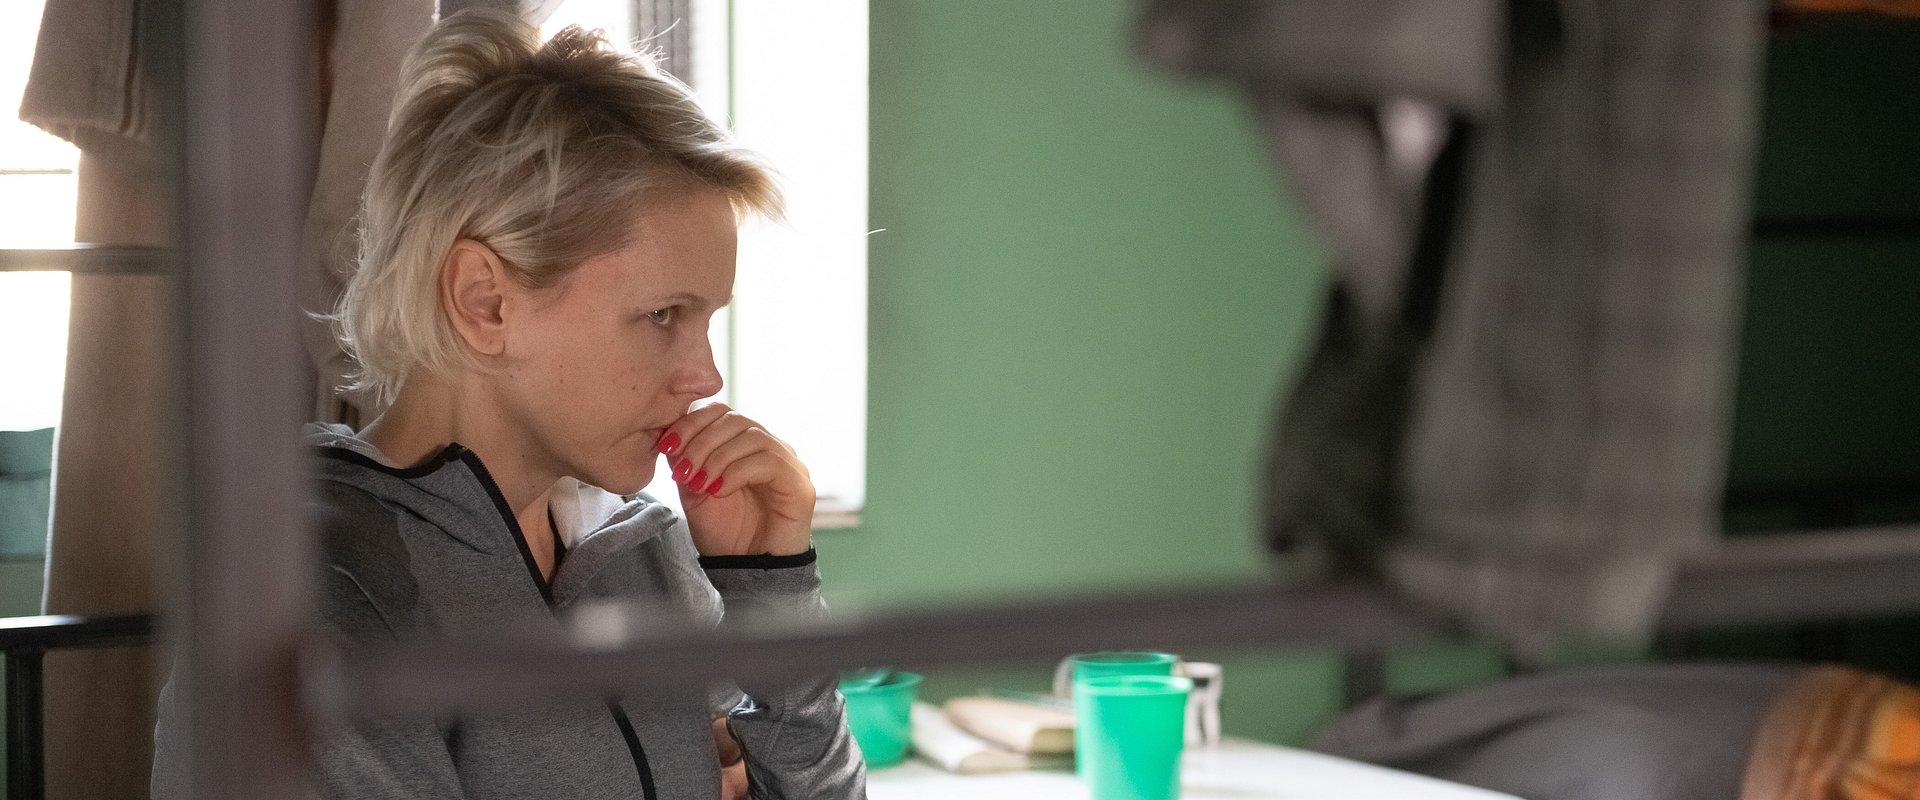 Na Wspólnej: Prokurator z uporem oskarża Ilonę o morderstwo – kobieta popada w depresję!